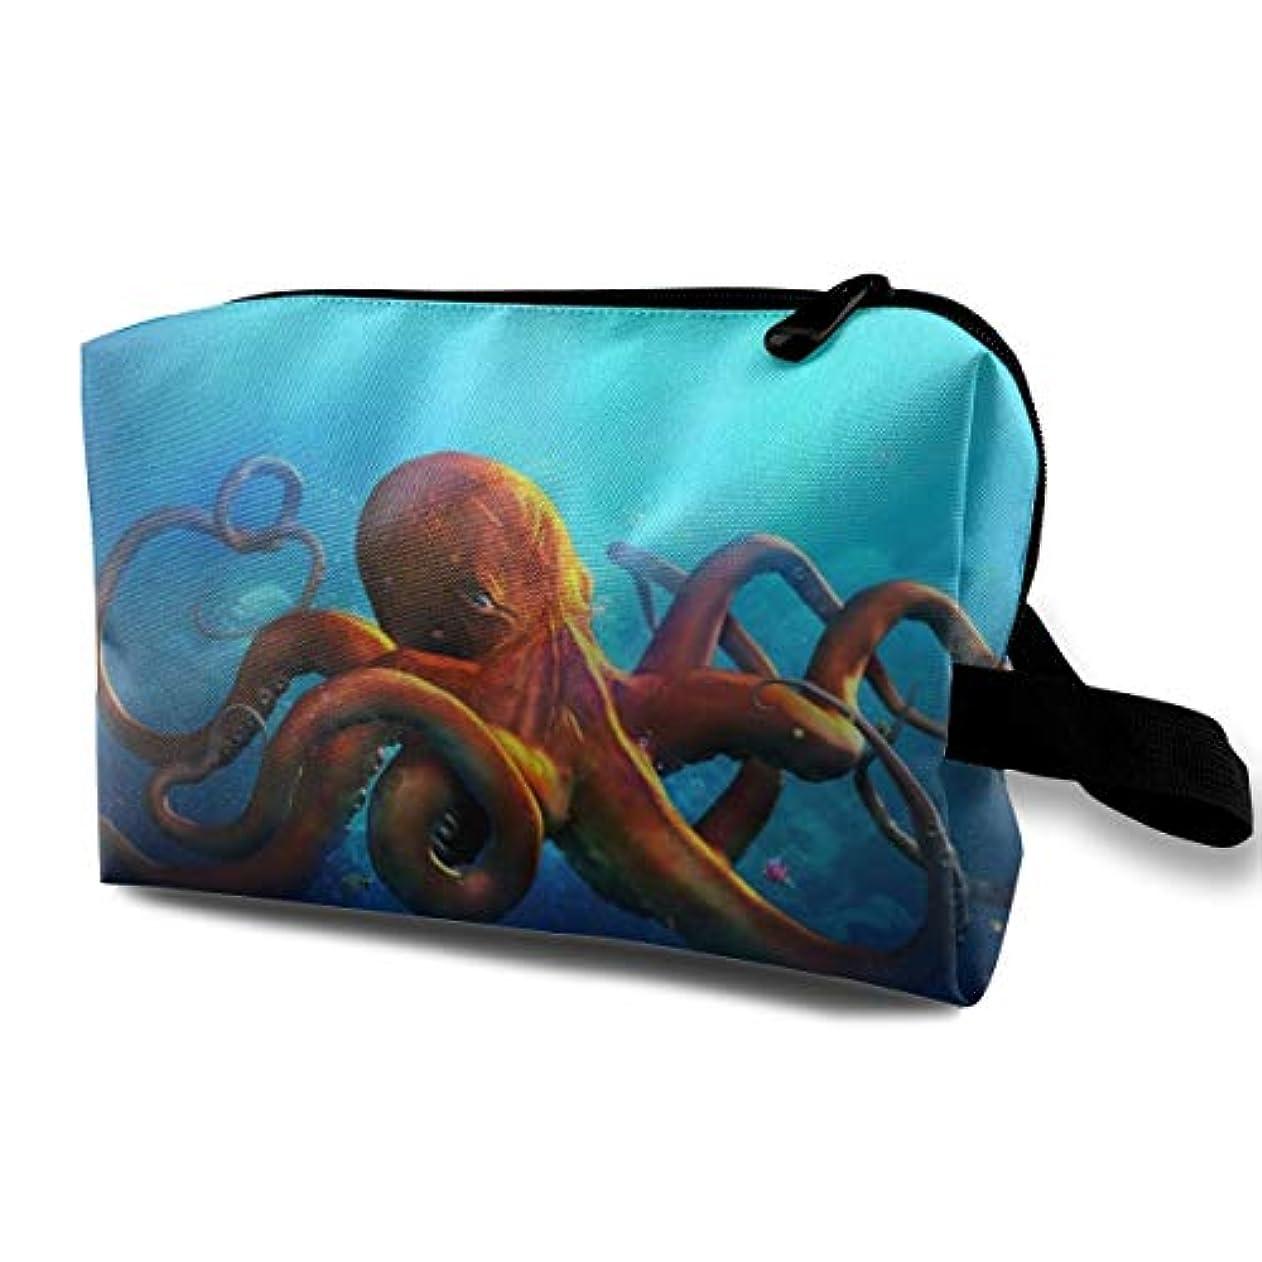 わかりやすい社会科フックFunny Octopus 収納ポーチ 化粧ポーチ 大容量 軽量 耐久性 ハンドル付持ち運び便利。入れ 自宅?出張?旅行?アウトドア撮影などに対応。メンズ レディース トラベルグッズ